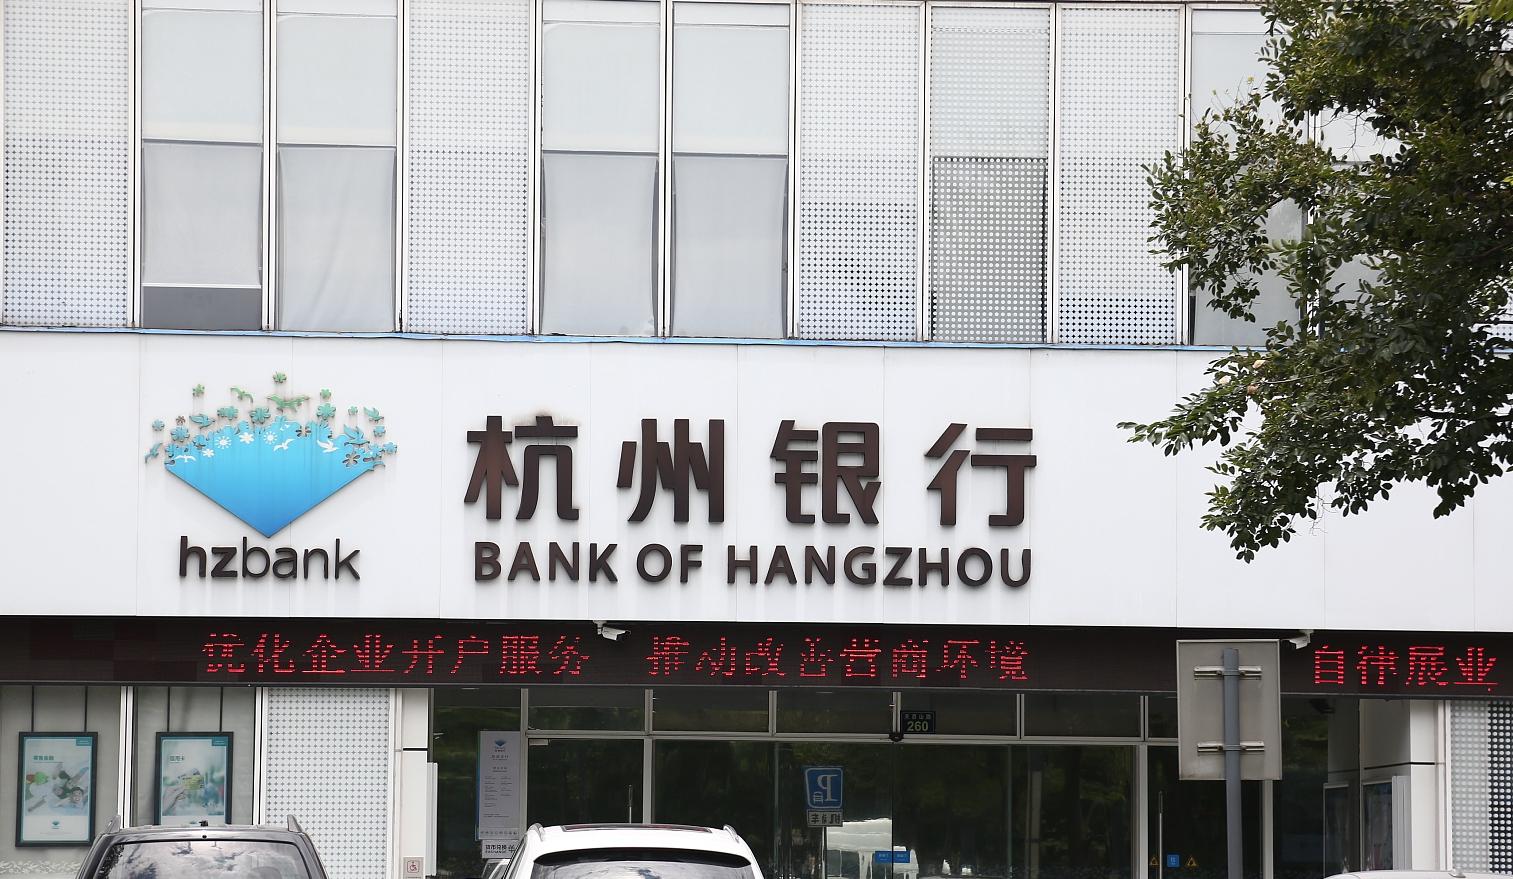 股价跌逾三成,杭州银行年内三度遭险资减持,投资者感叹何时是个头?